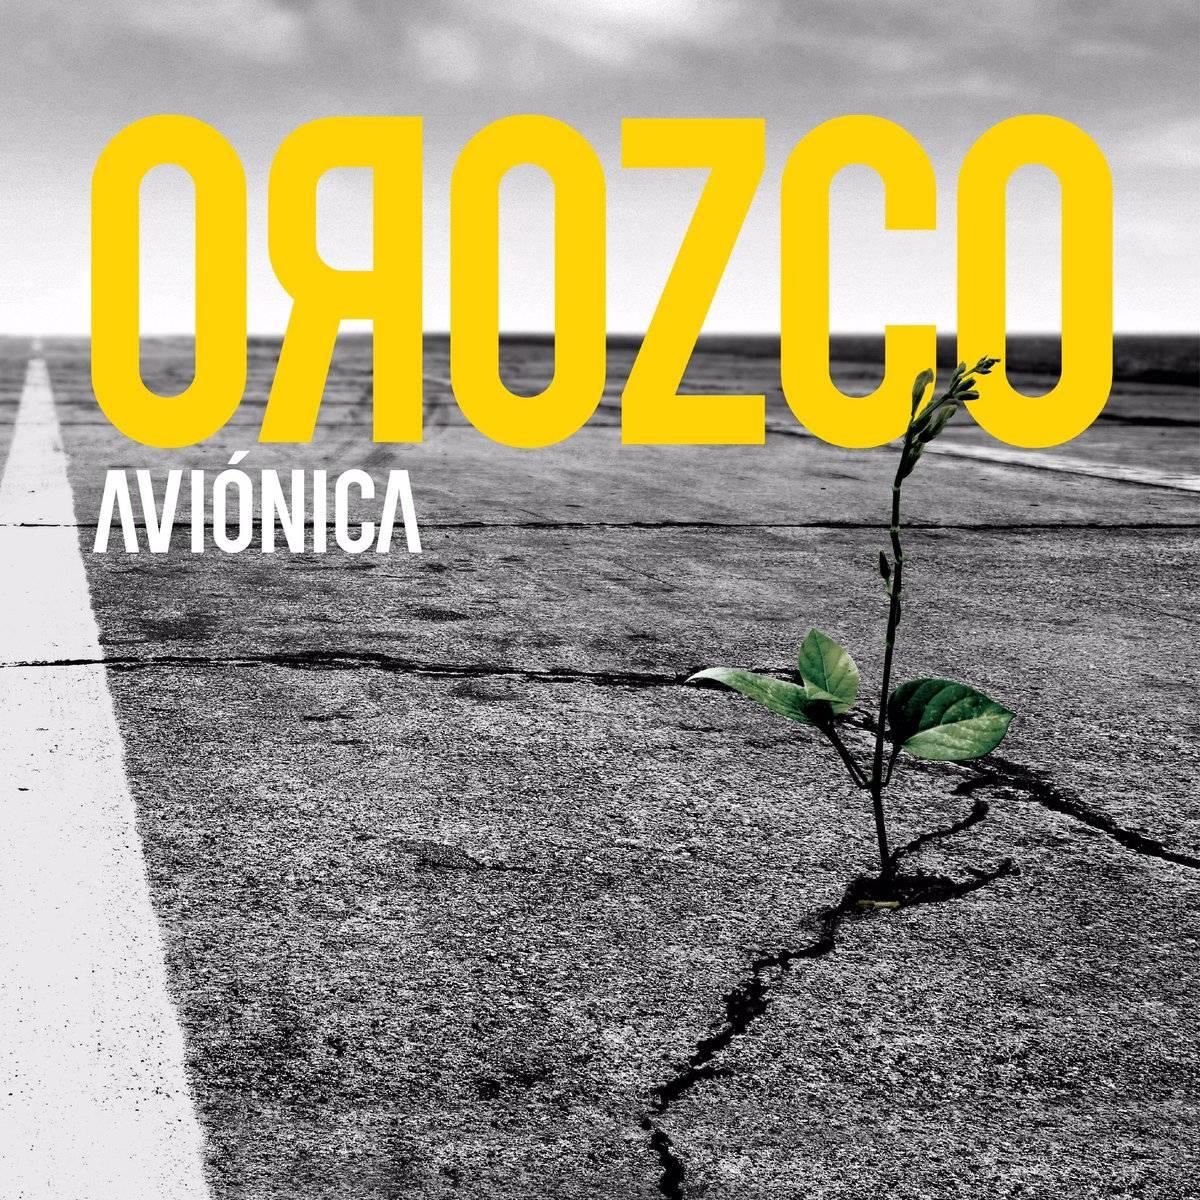 Antonio Orozco regresa con el álbum 'Aviónica' | Popelera